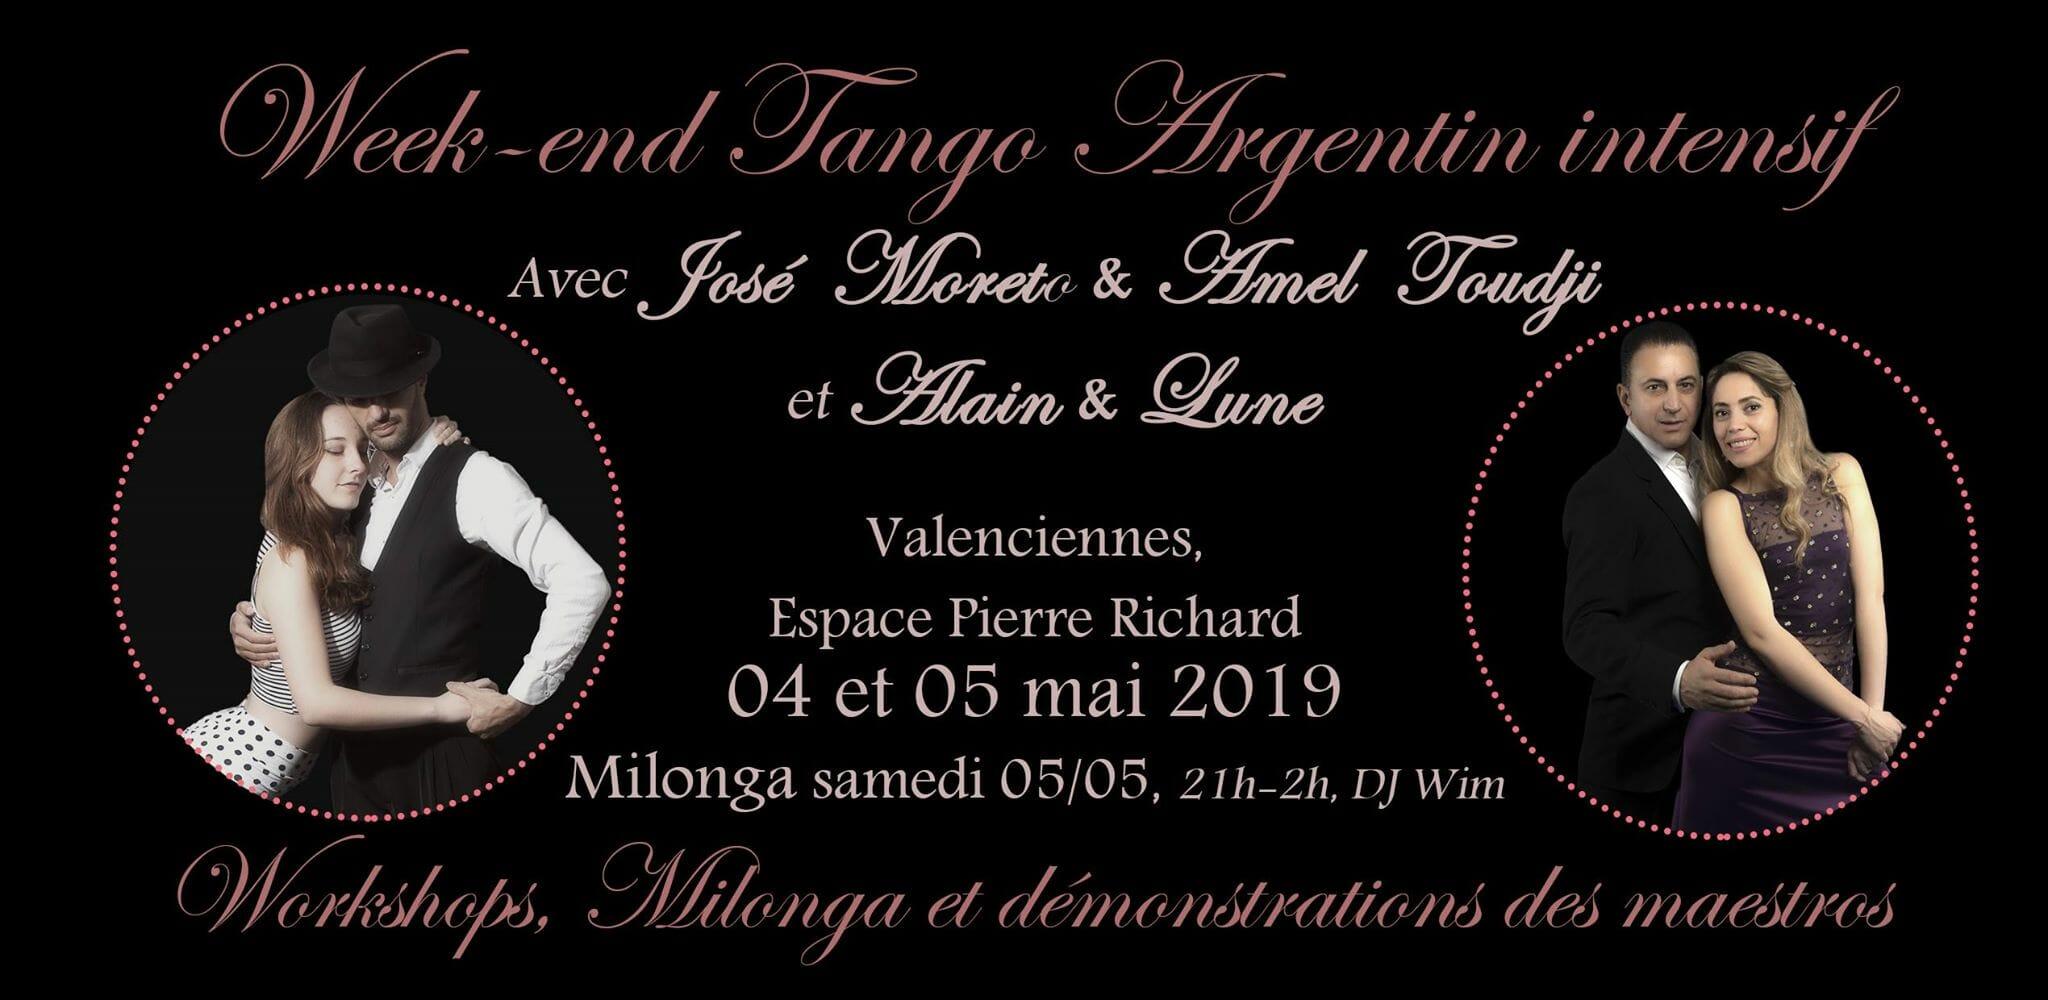 Tango Argentin à Valenciennes